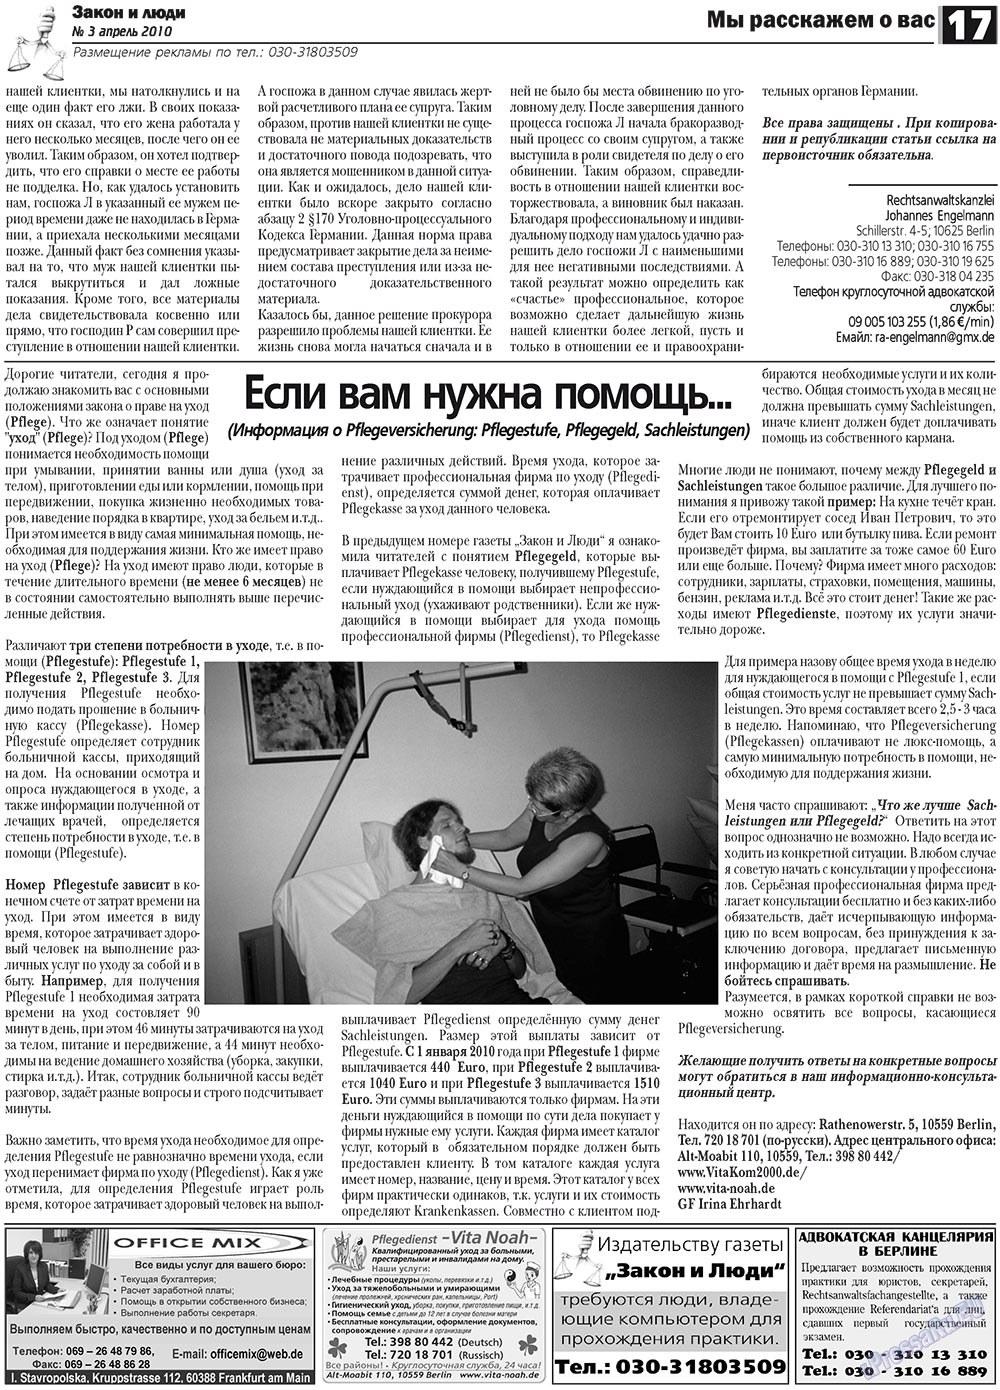 Закон и люди (газета). 2010 год, номер 3, стр. 17